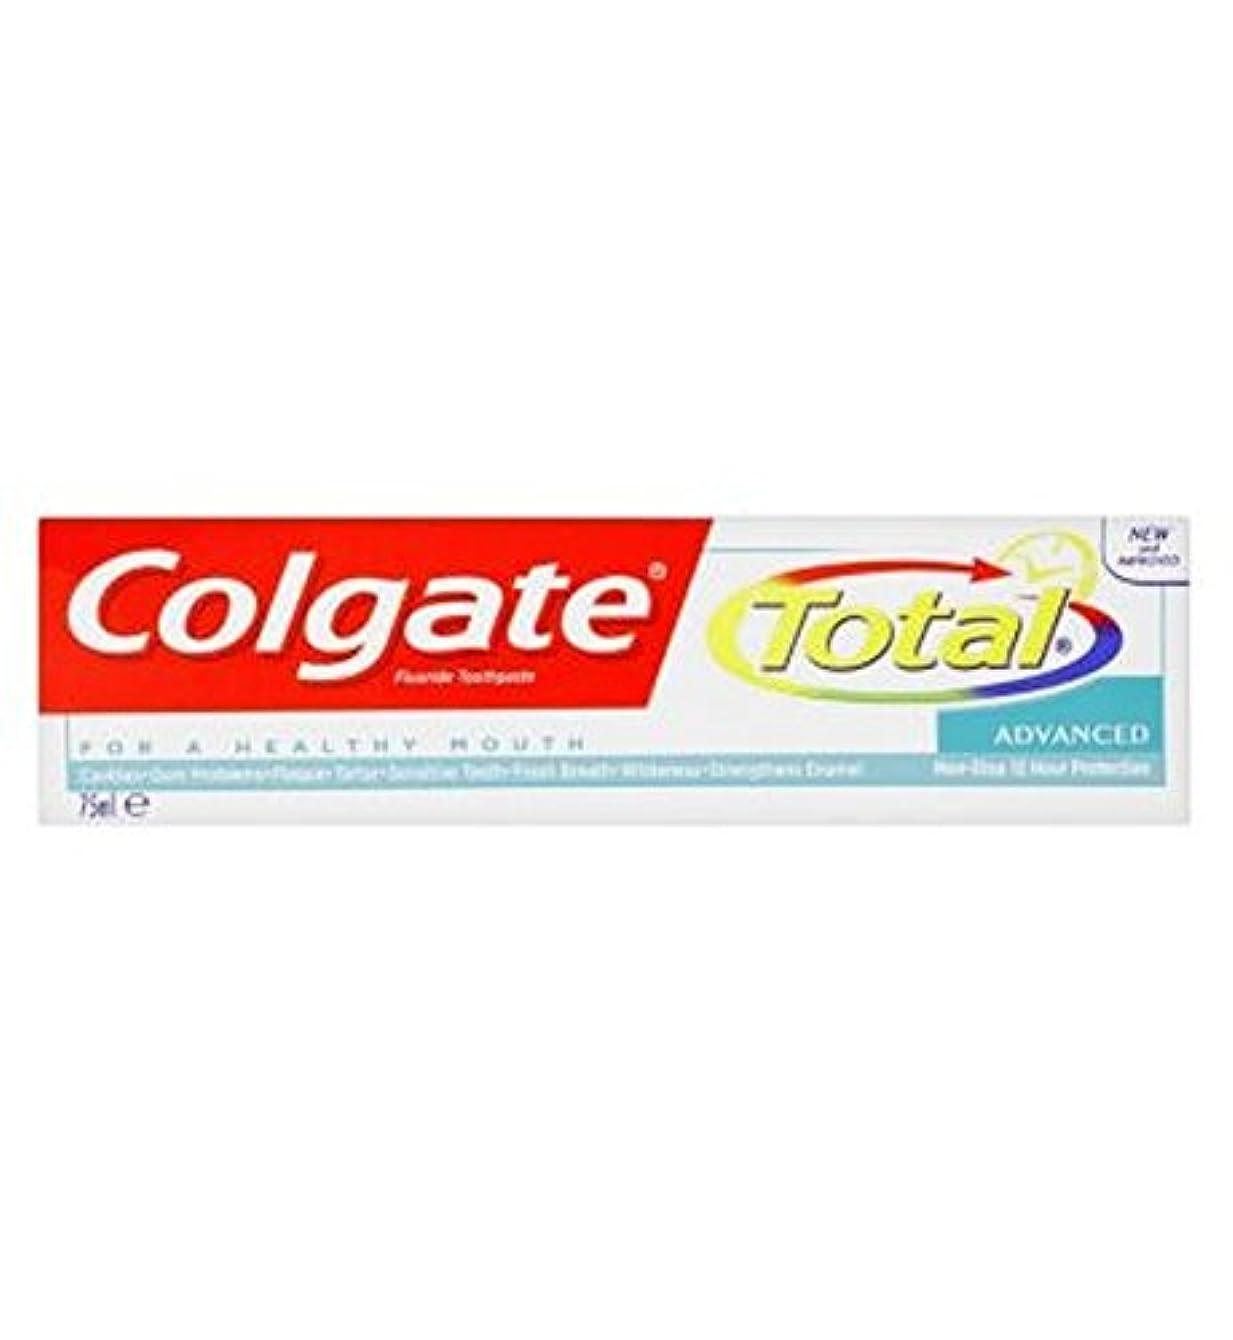 明日ステレオ学生Colgate Total Advanced toothpaste 75ml - コルゲートトータル高度な歯磨き粉75ミリリットル (Colgate) [並行輸入品]